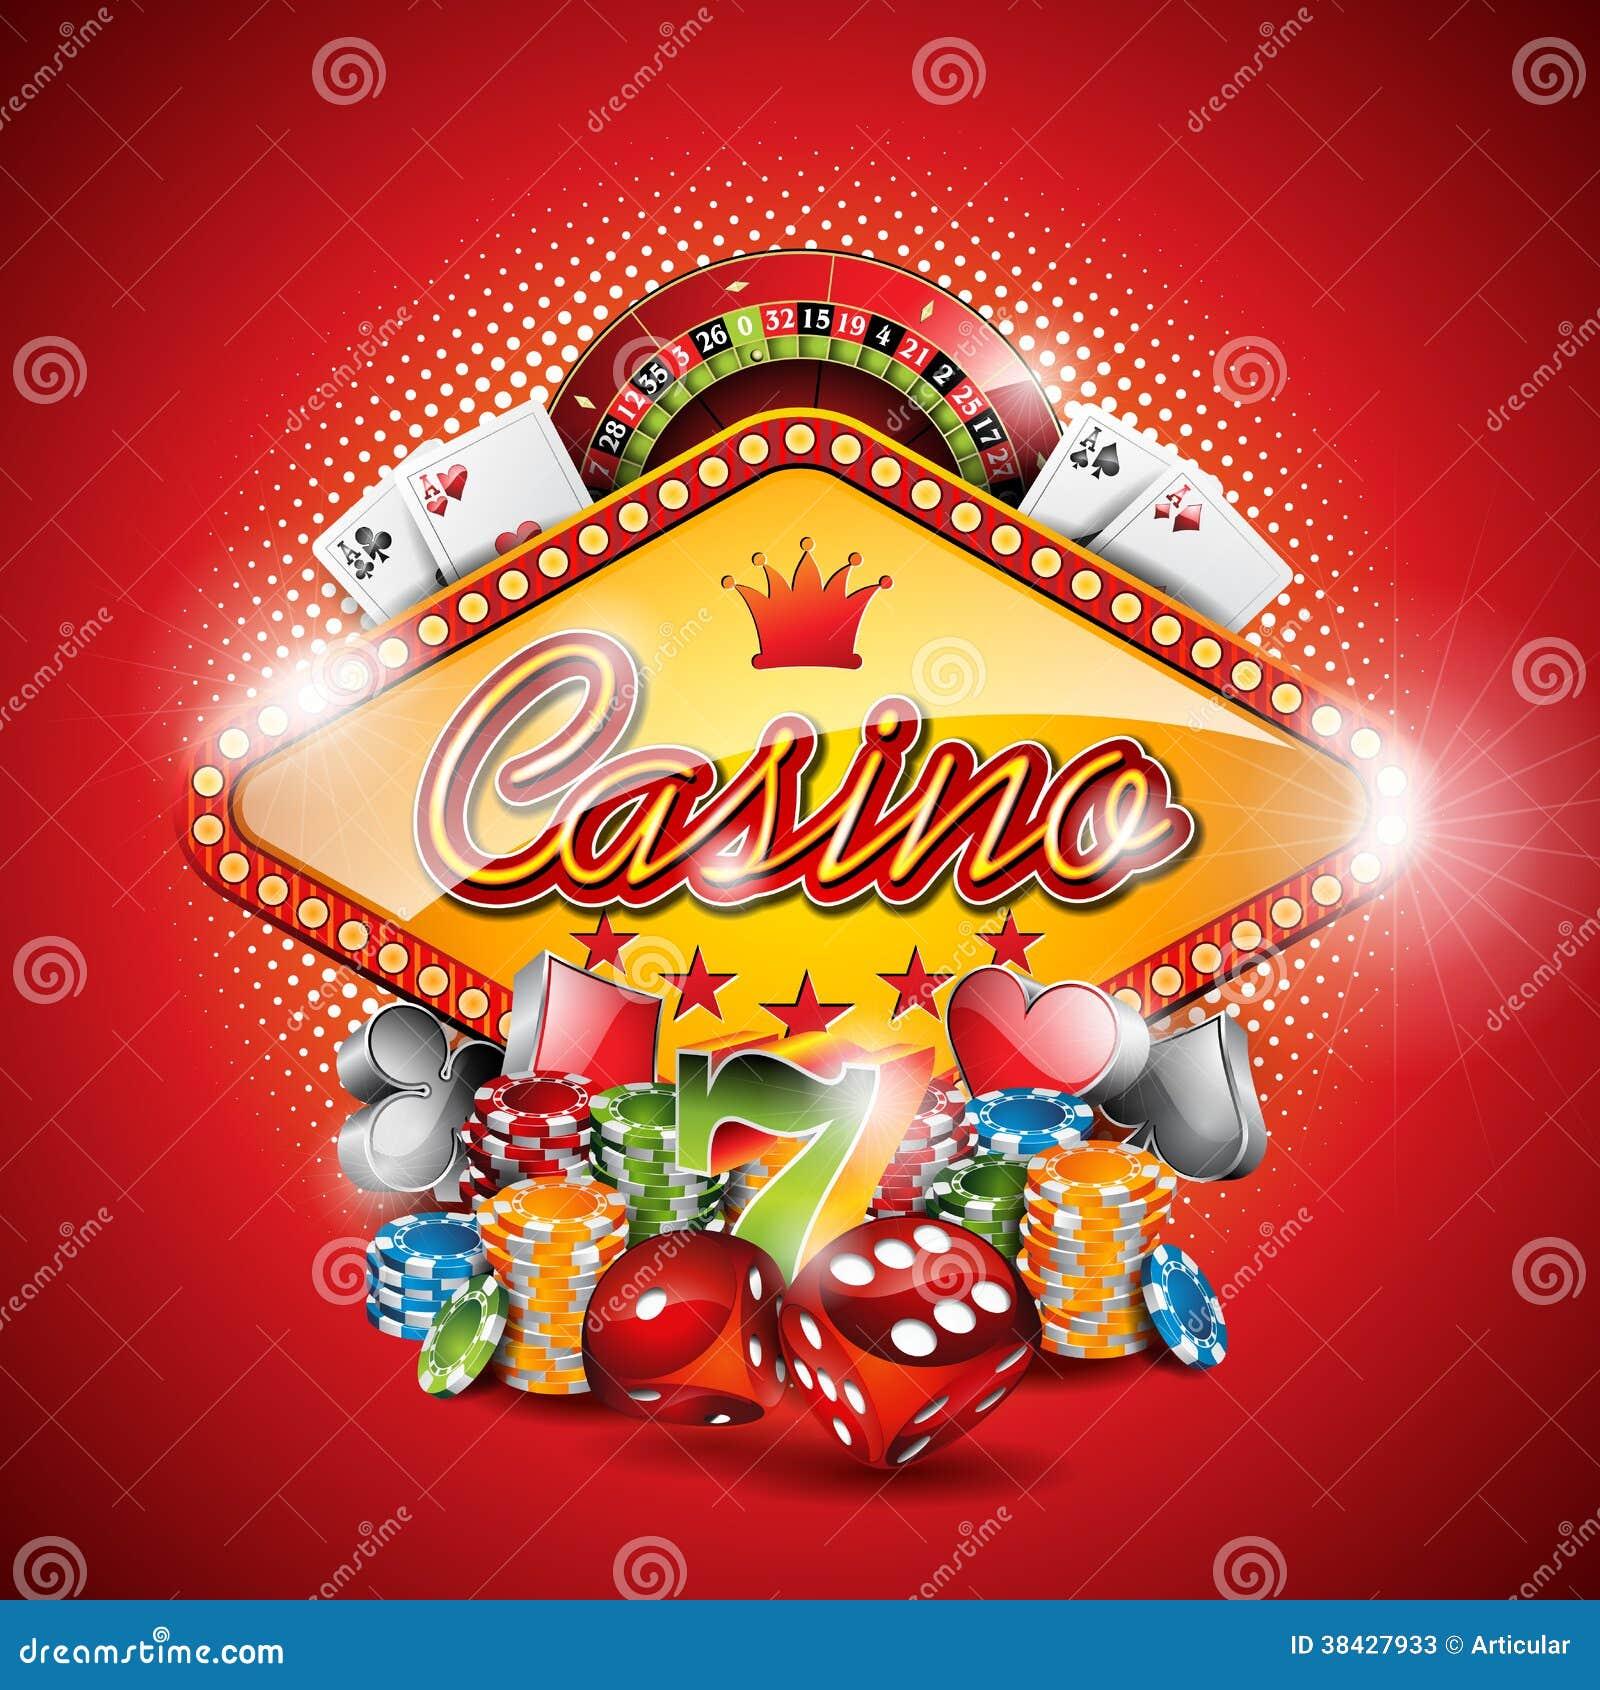 Mejor casino para ganar en las vegas online confiable Chile - 17809